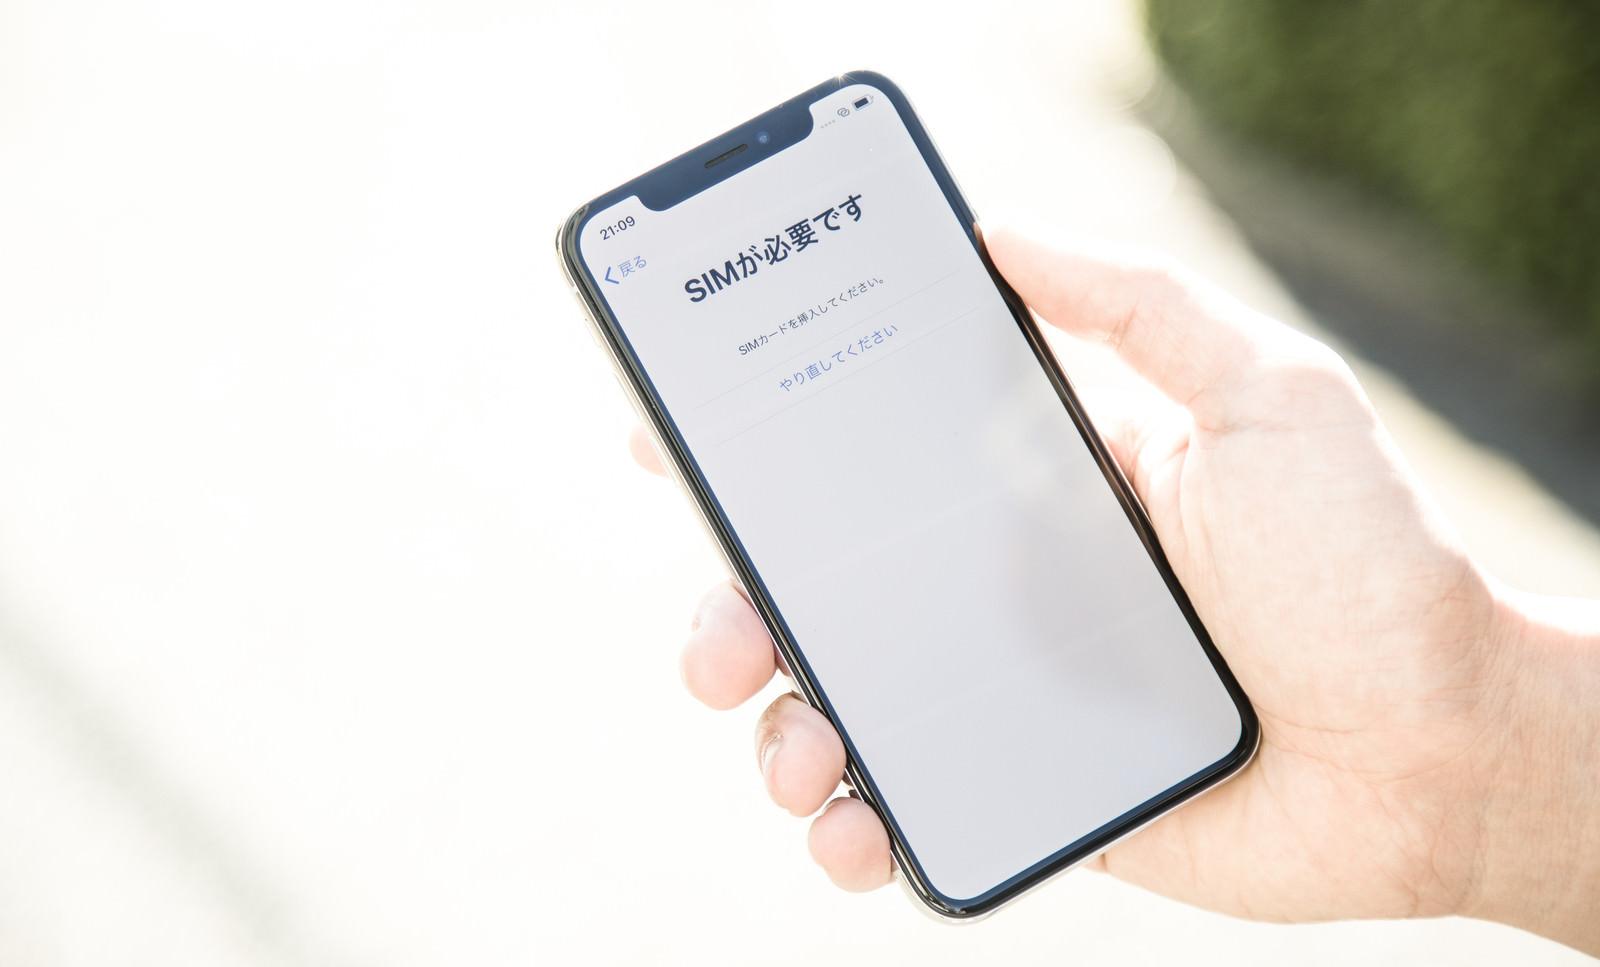 「「SIMが必要です」SIMカードを挿入してください「SIMが必要です」SIMカードを挿入してください」のフリー写真素材を拡大